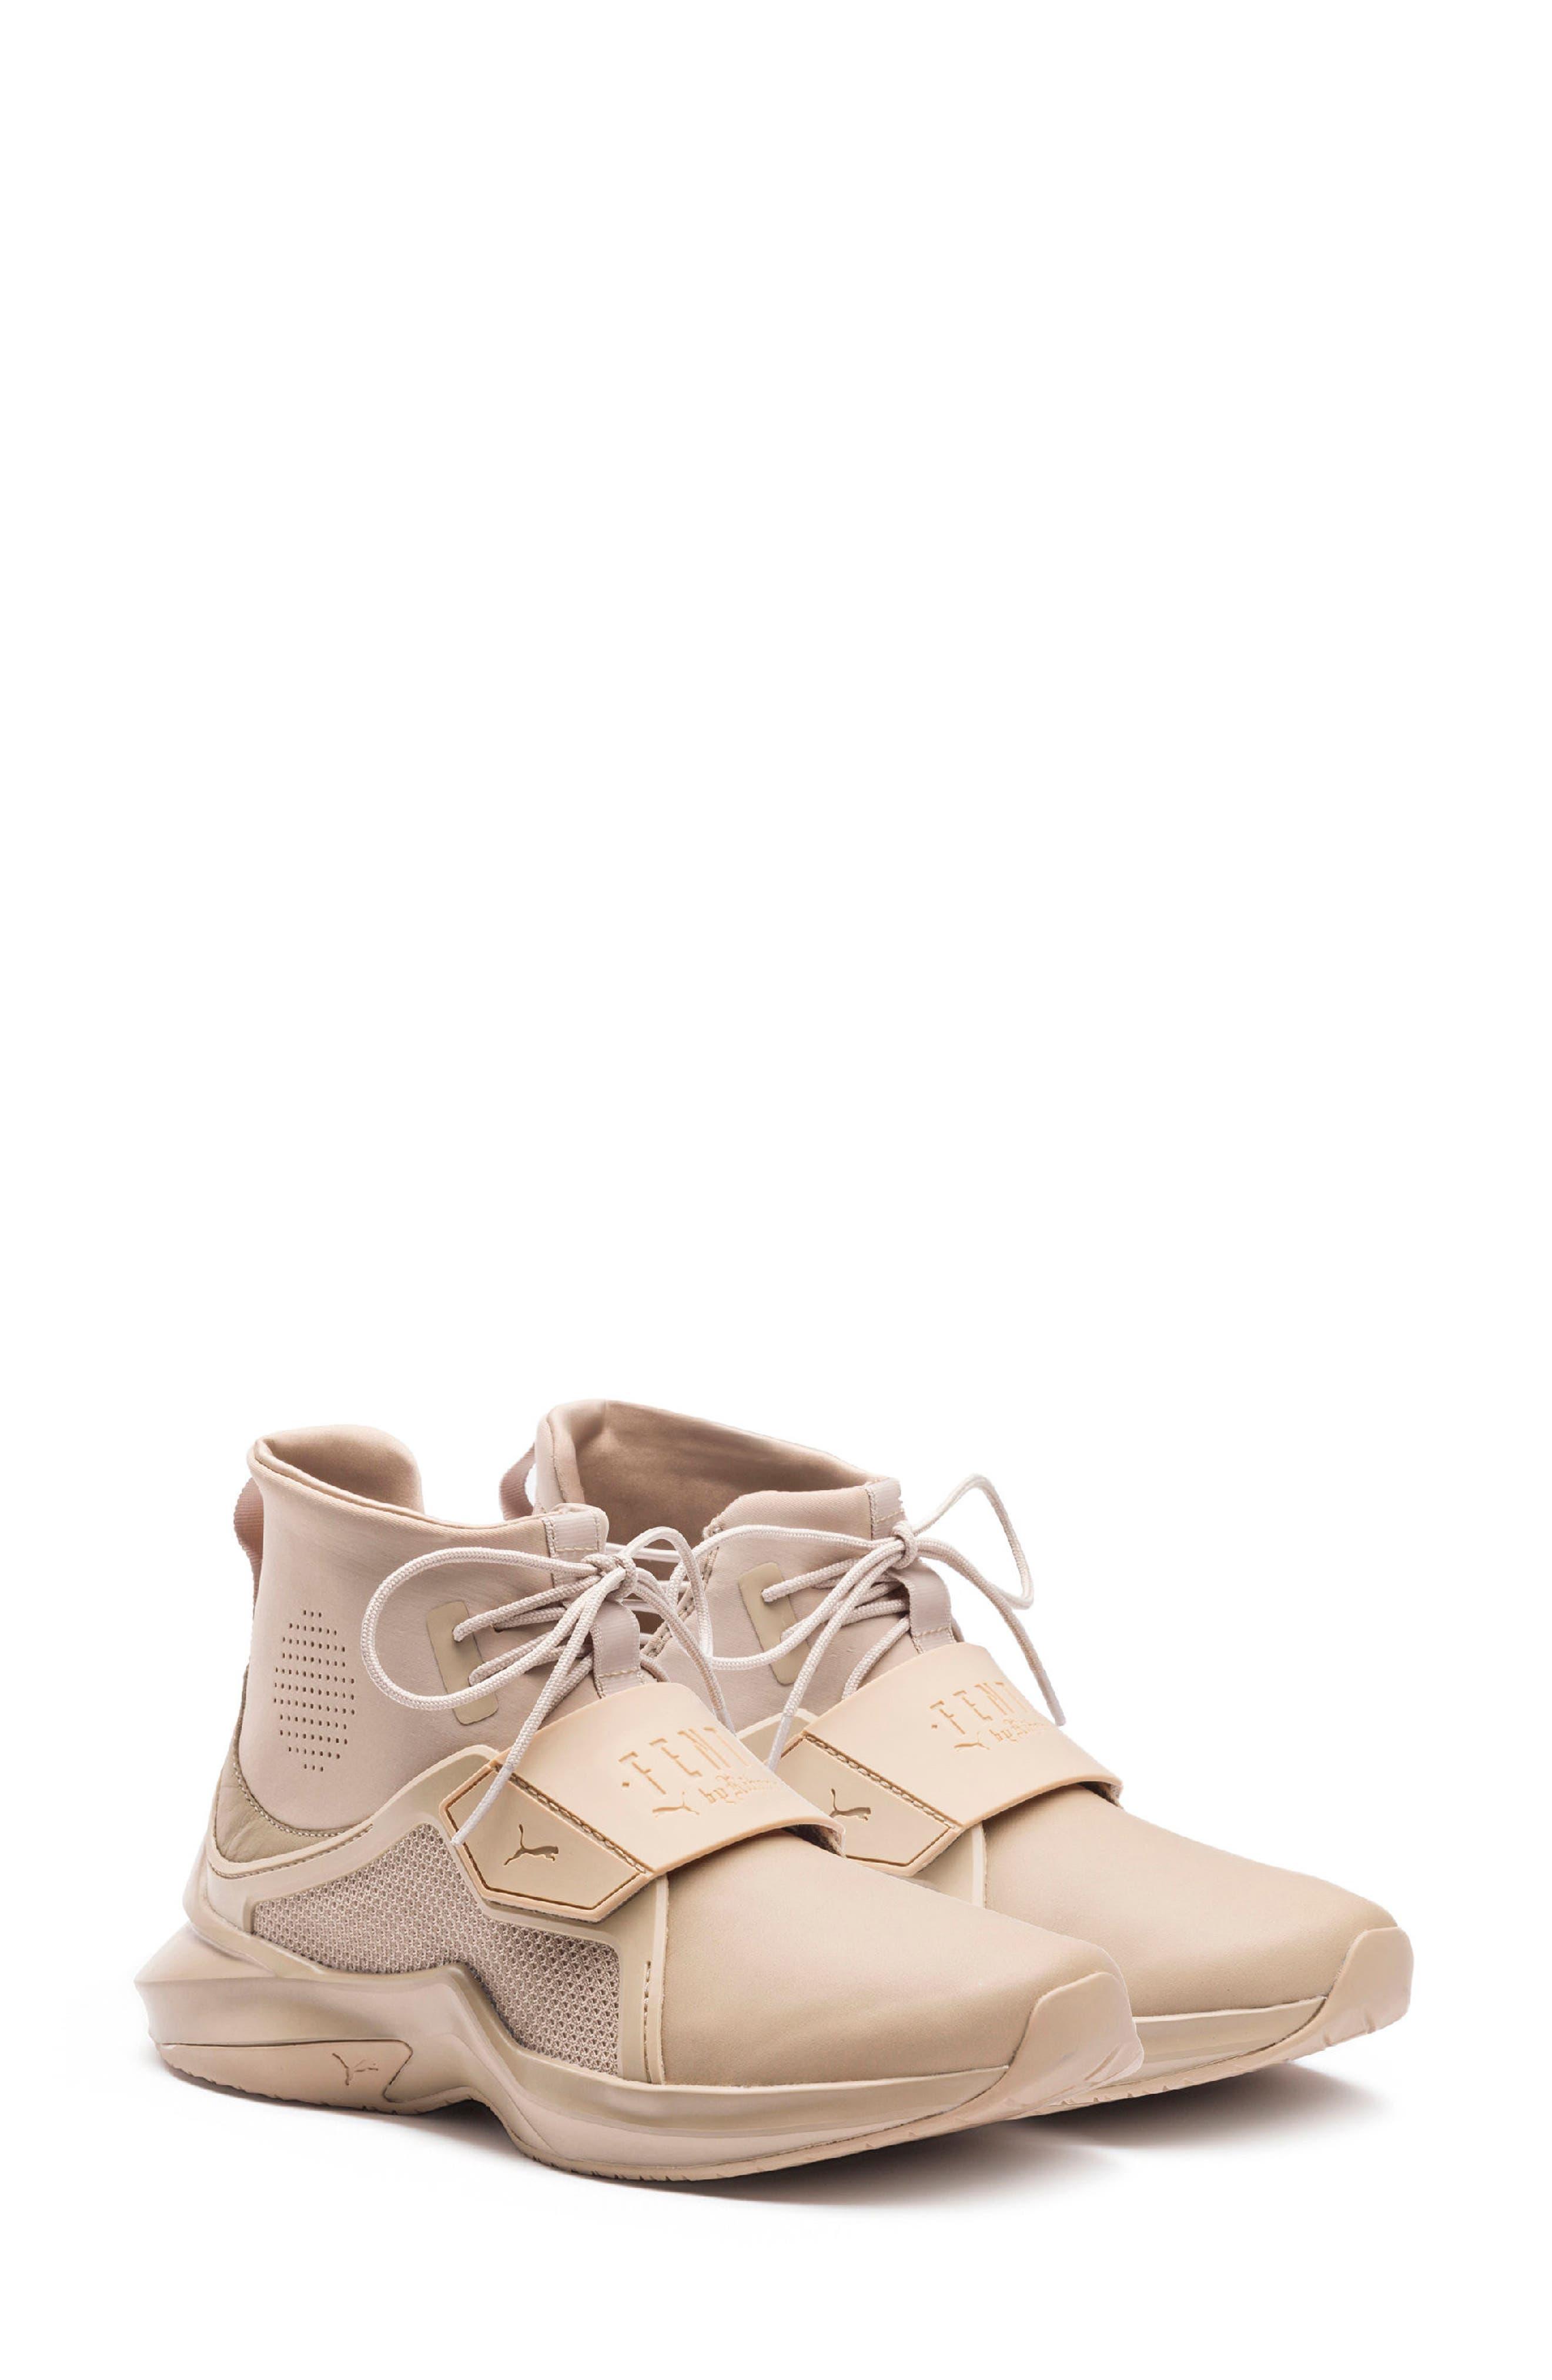 FENTY PUMA by Rihanna Trainer Sneaker (Women)